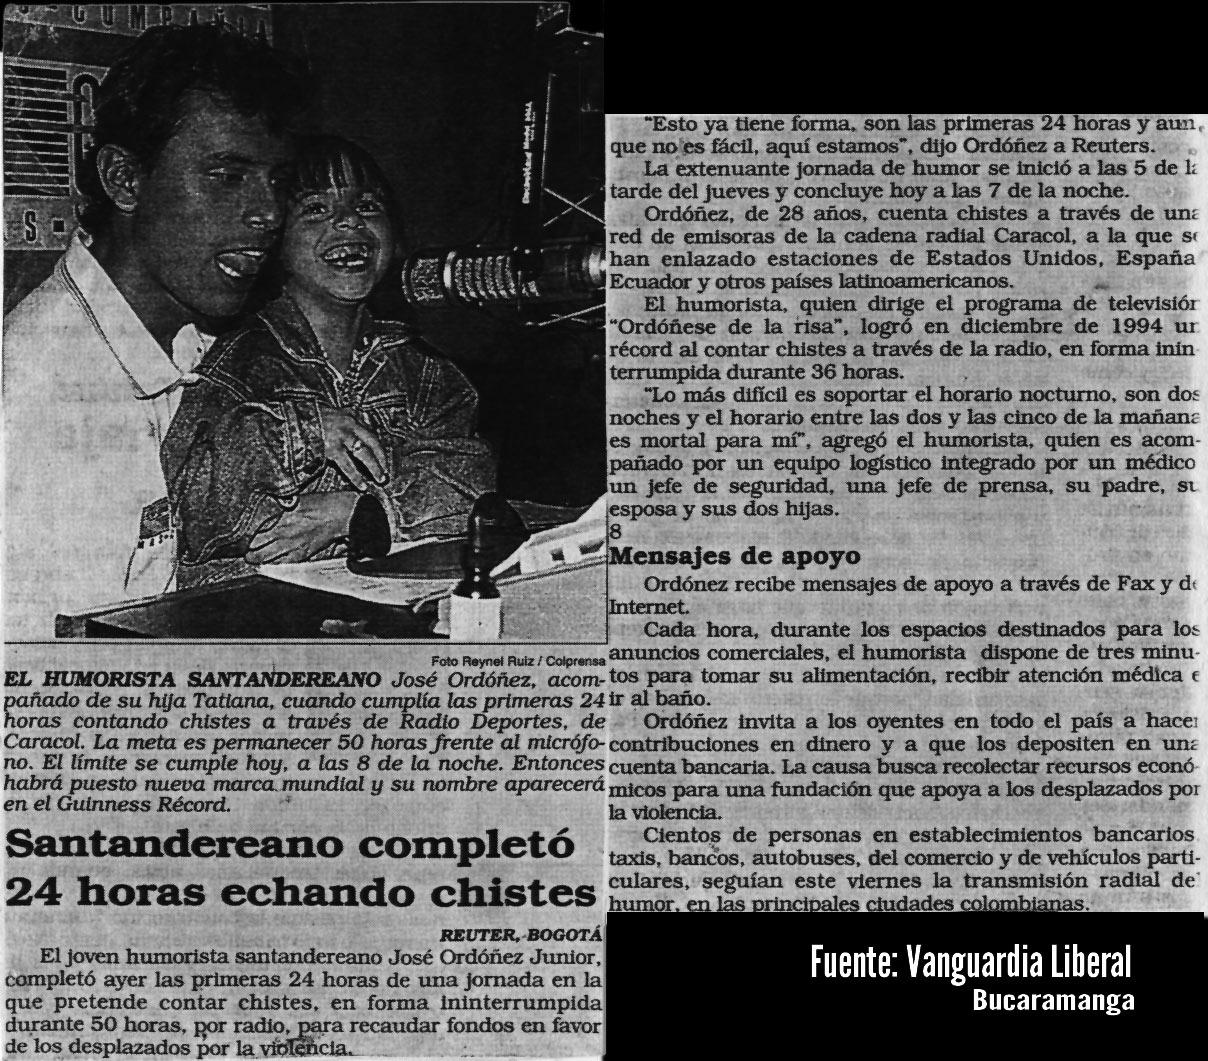 Vanguardia 4to record